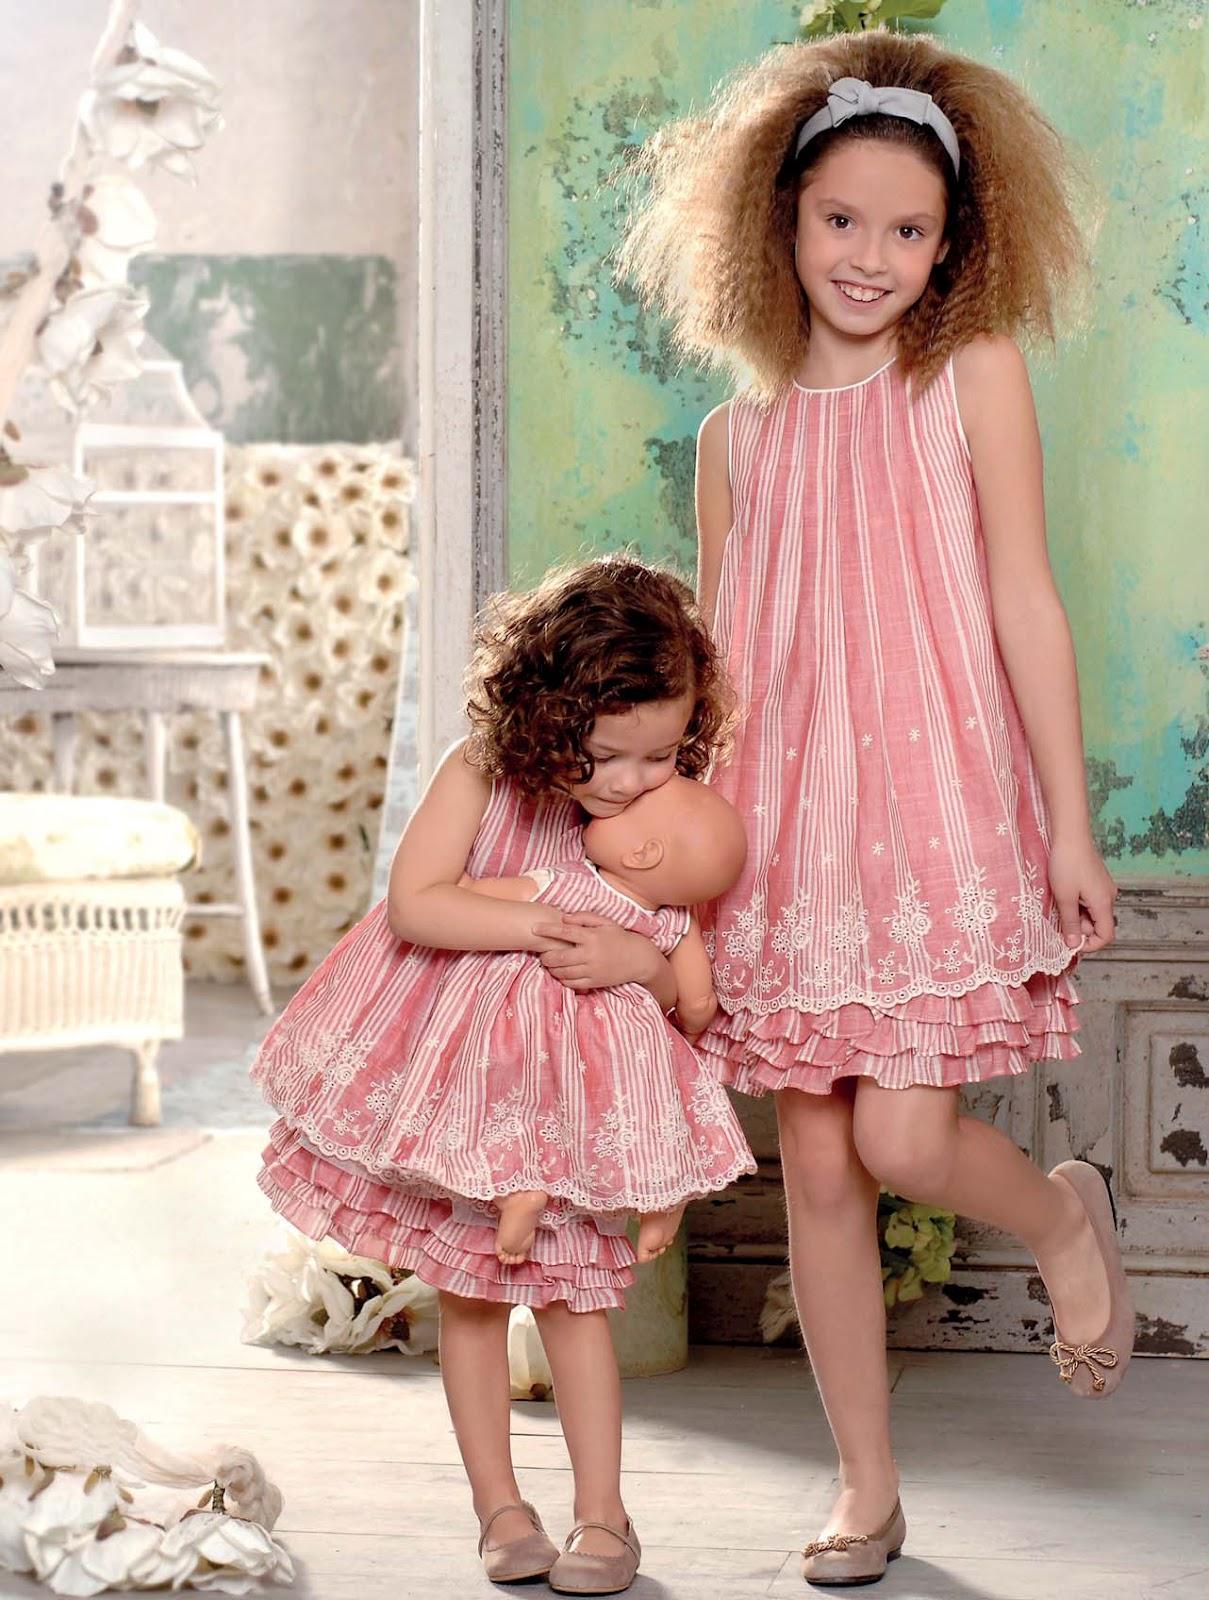 Moda adolescentes y ni os elegancia estilo primera - El corte ingles bebes tronas ...